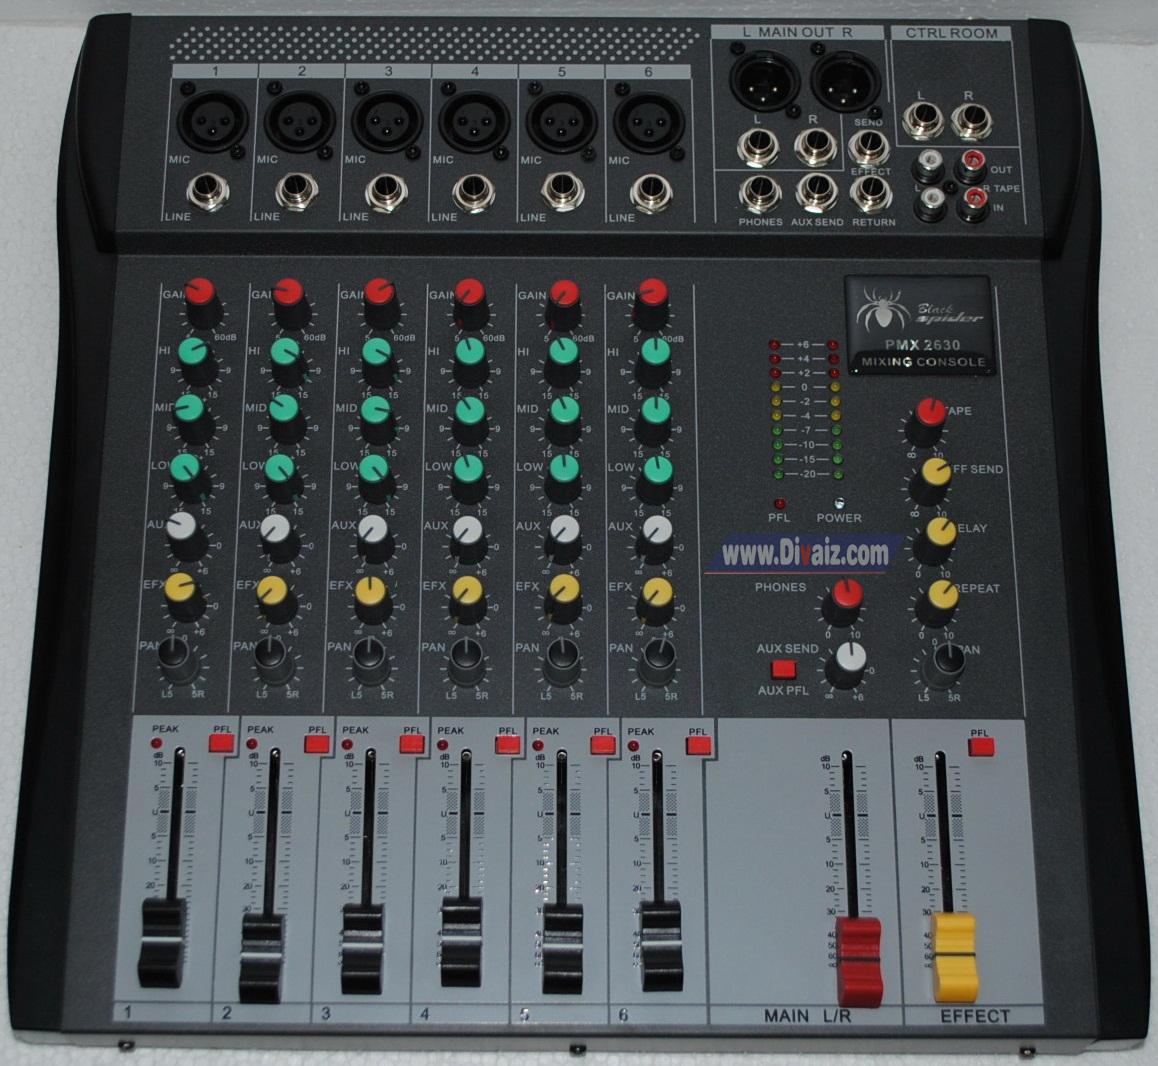 Mixer_Blackspider_PMX2630- www.divaizz.com